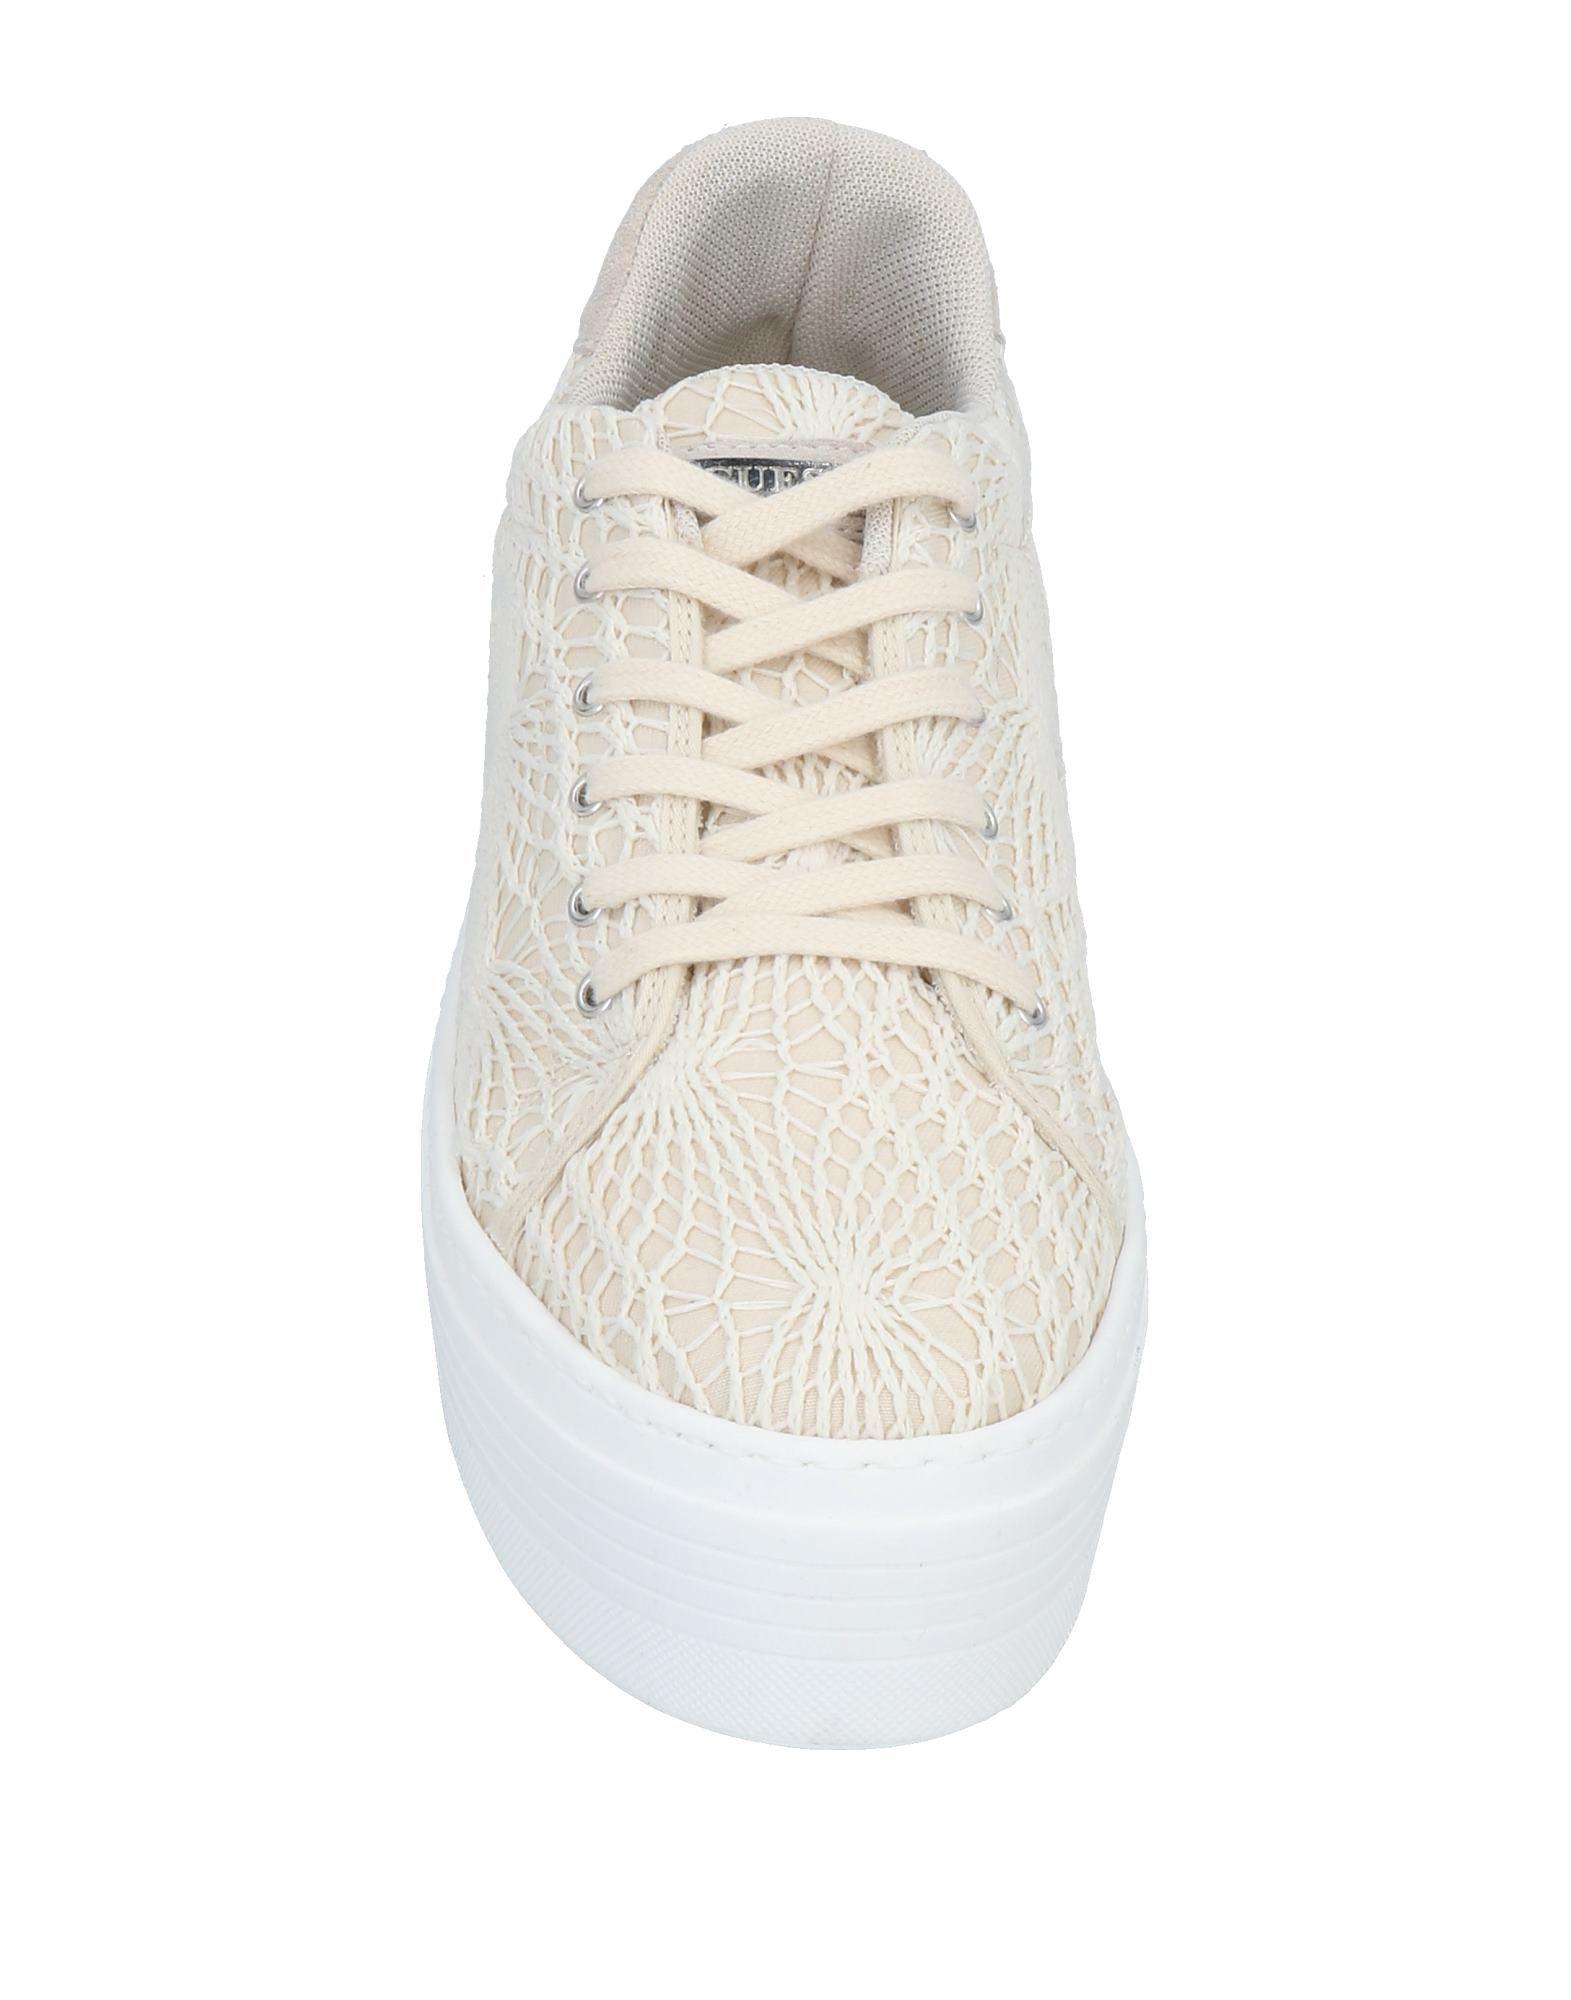 Guess Turnschuhes Damen 11493285WH beliebte Gute Qualität beliebte 11493285WH Schuhe 2de4ac